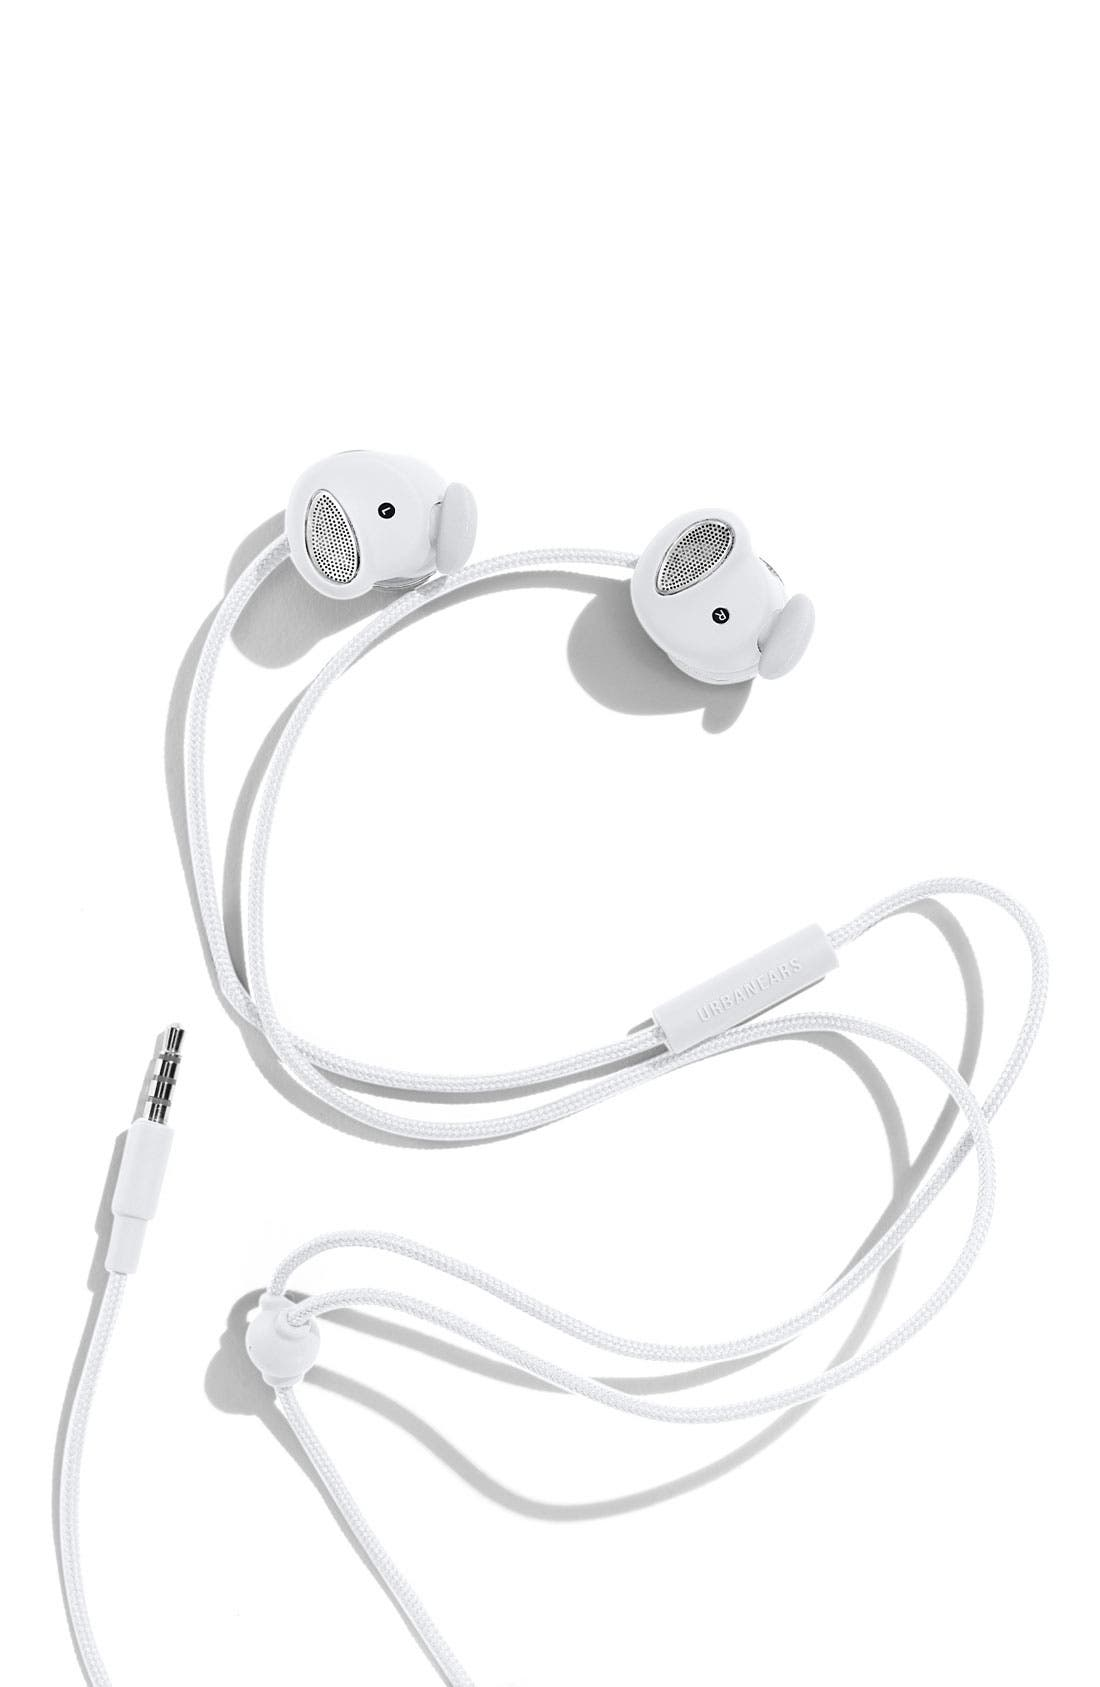 Alternate Image 1 Selected - Urbanears 'Medis' Earbuds